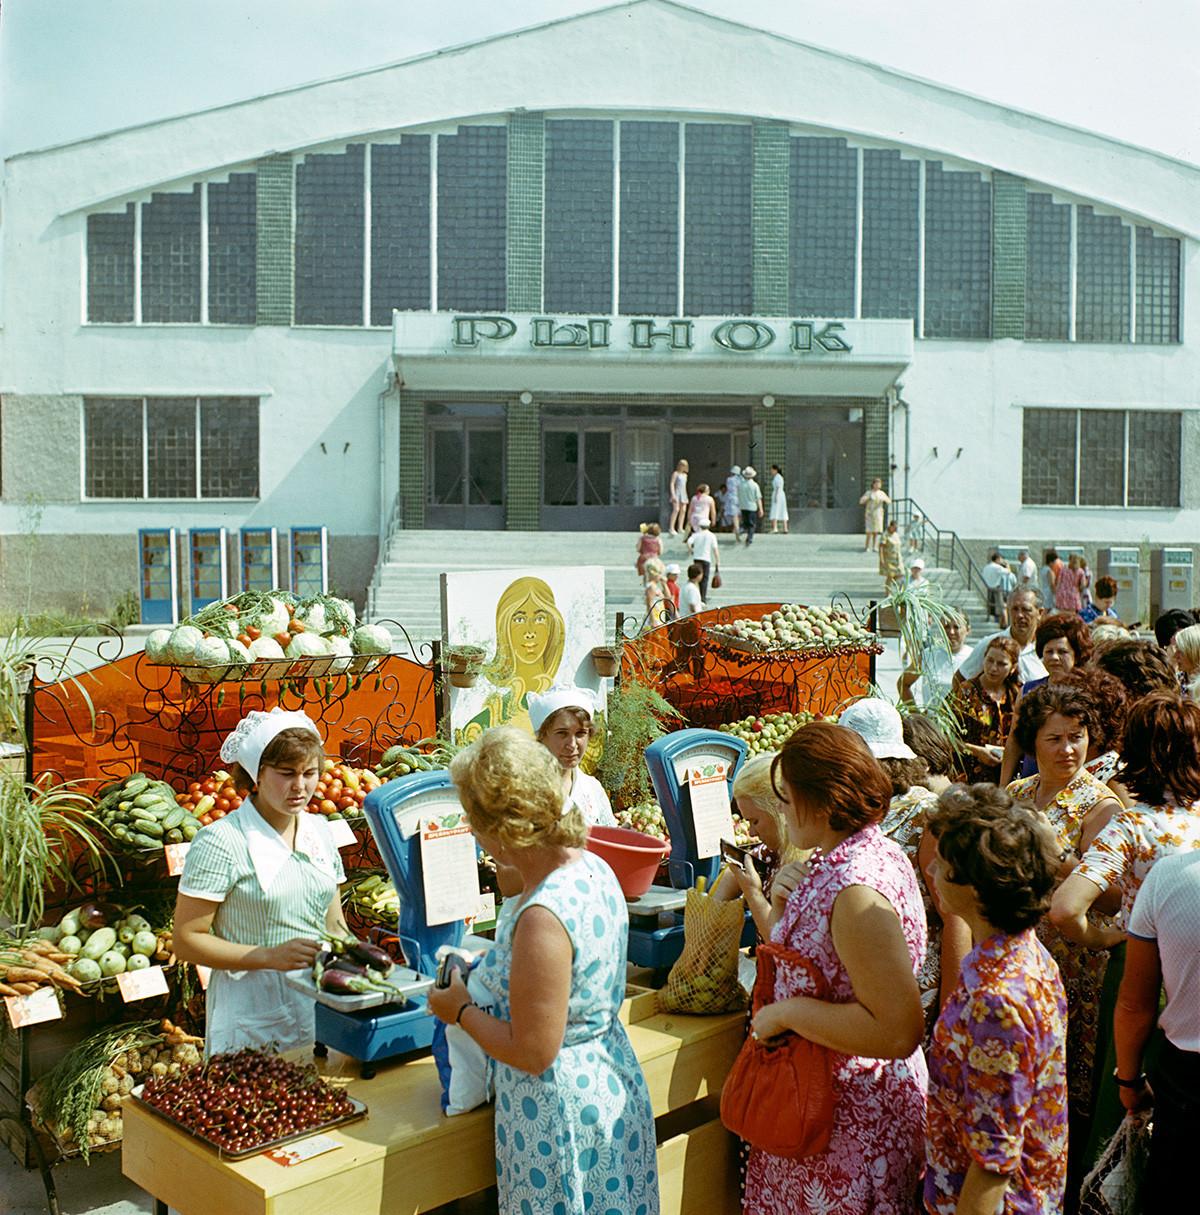 Улична продажба на овошје и зеленчук, Евпаторија, Крим, 1979 година.